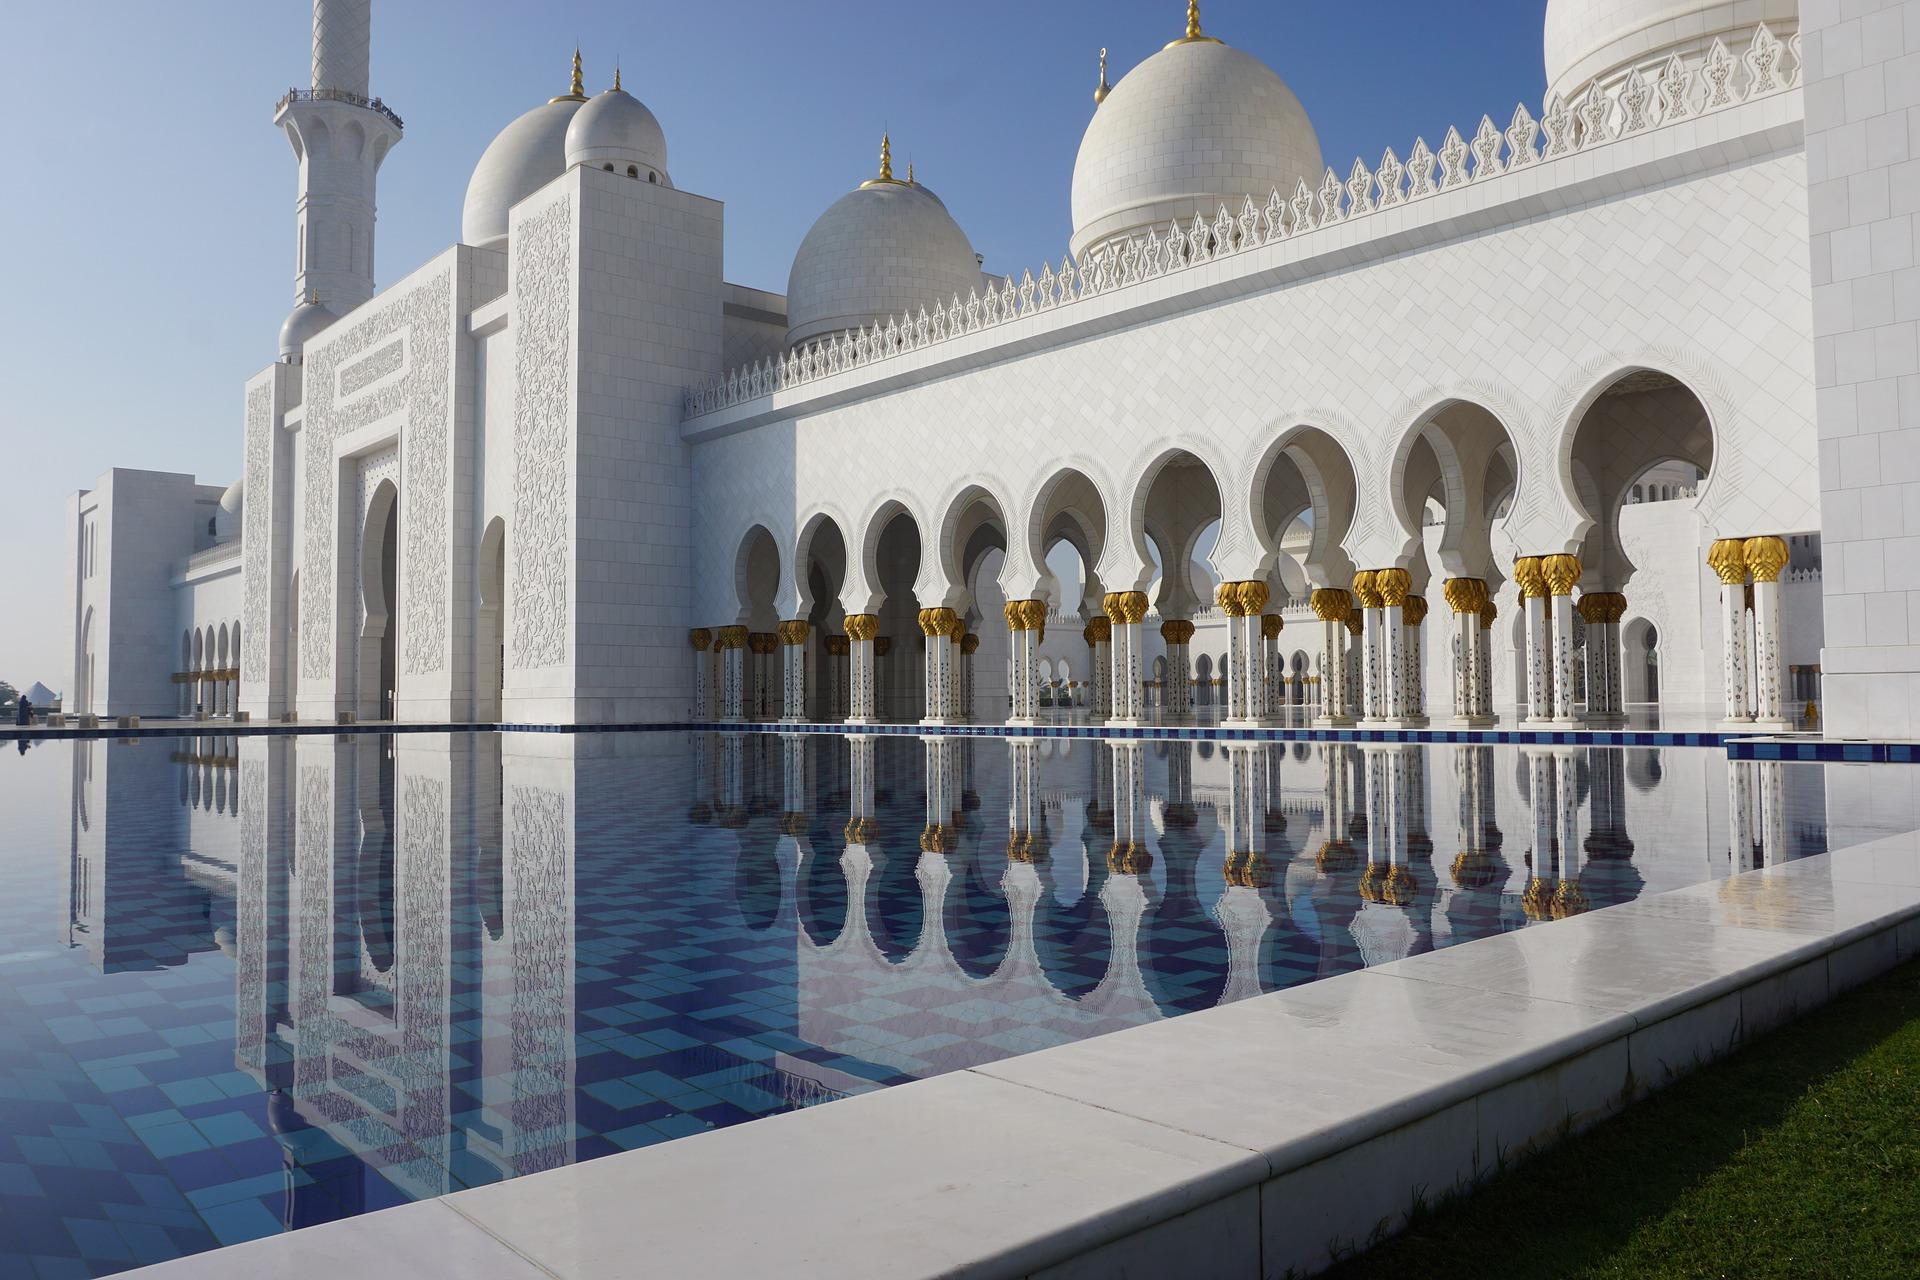 Willkommen in Abu Dhabi hier steht die mächtigste Moschee der Welt